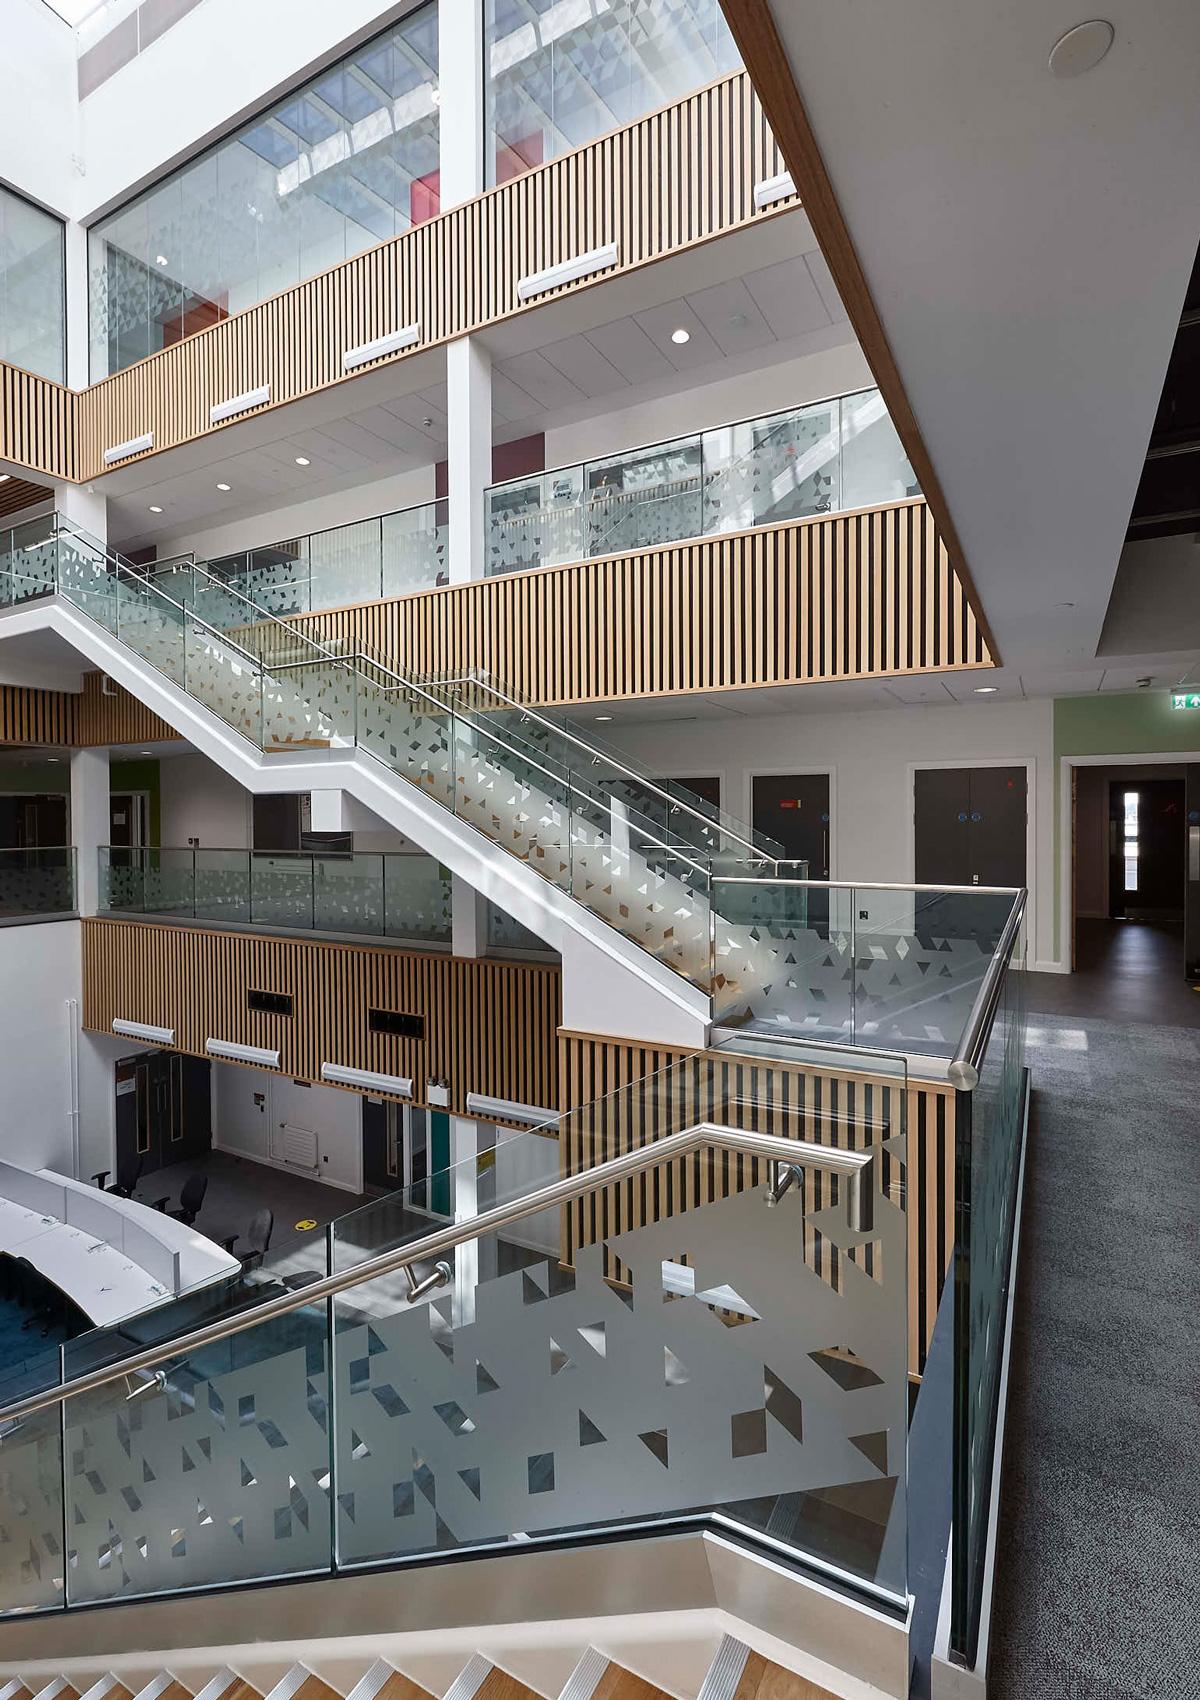 Edward Boyle Library - Leeds University